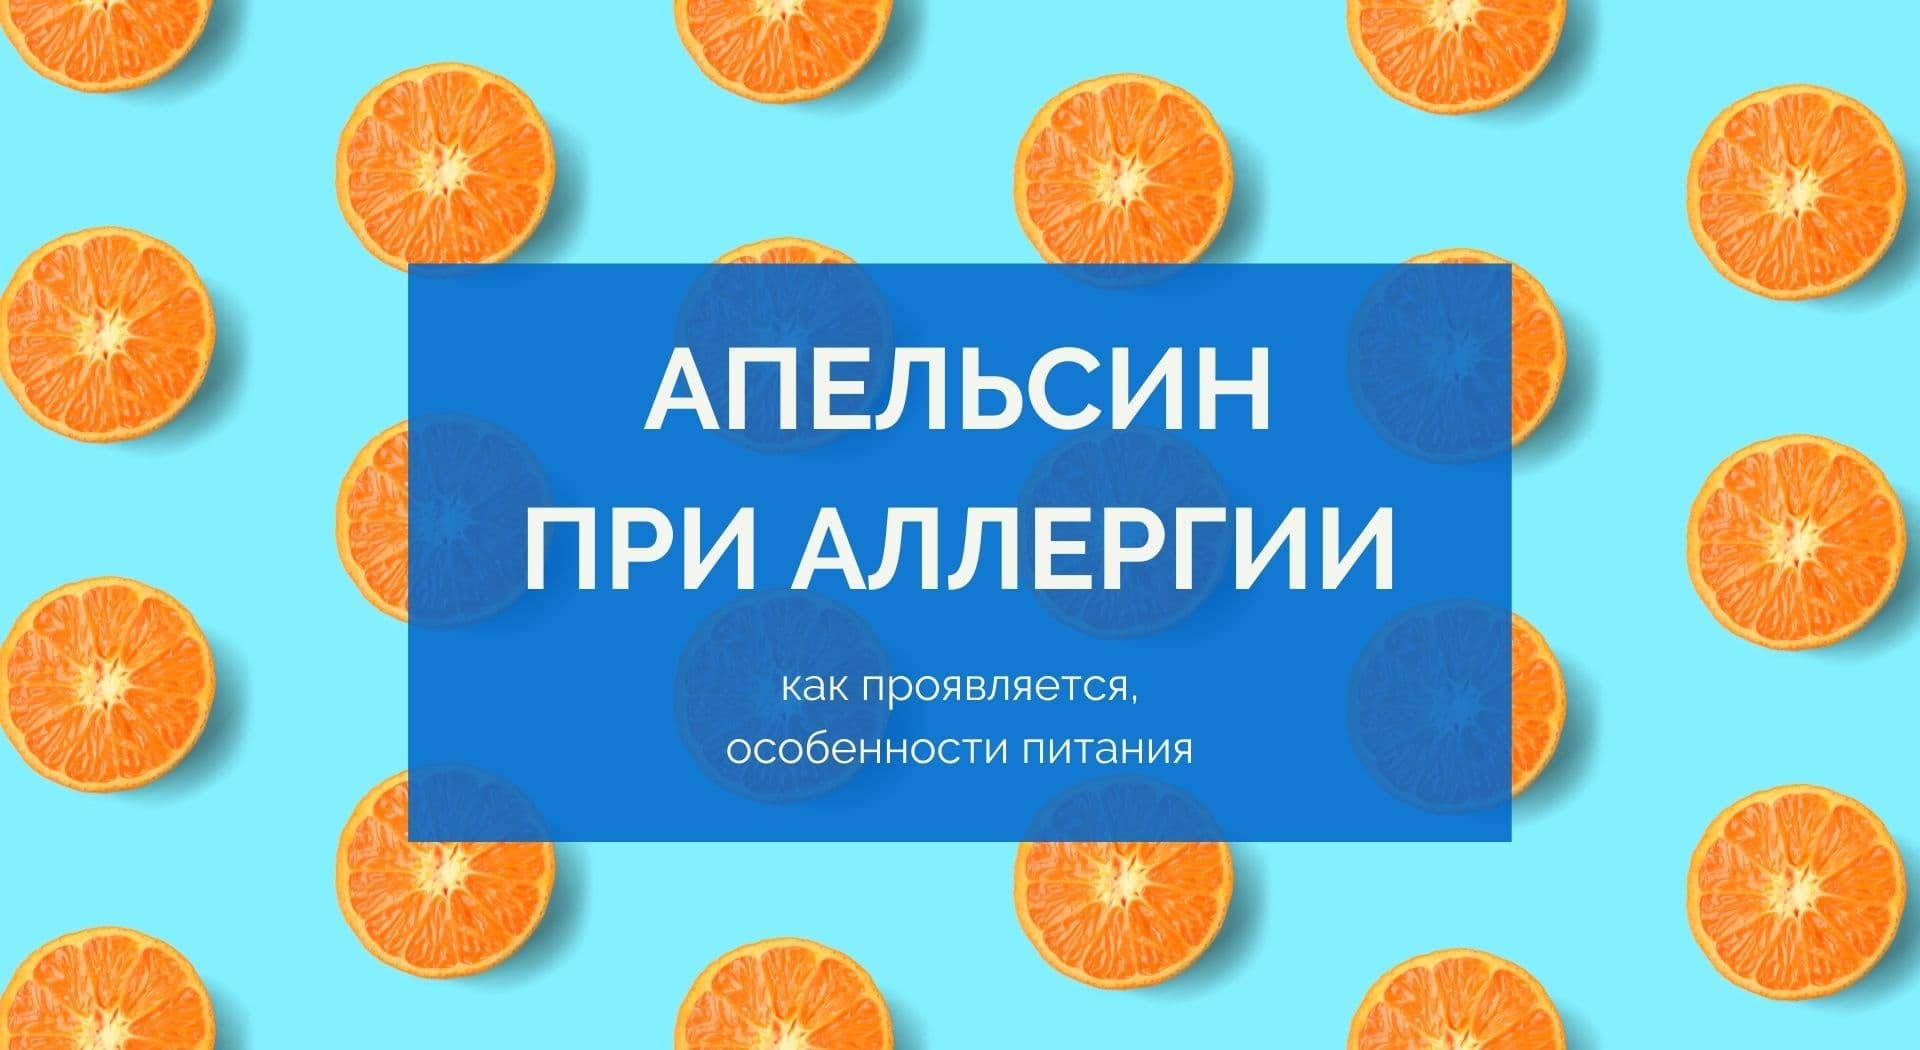 Апельсин при аллергии: как проявляется, особенности питания